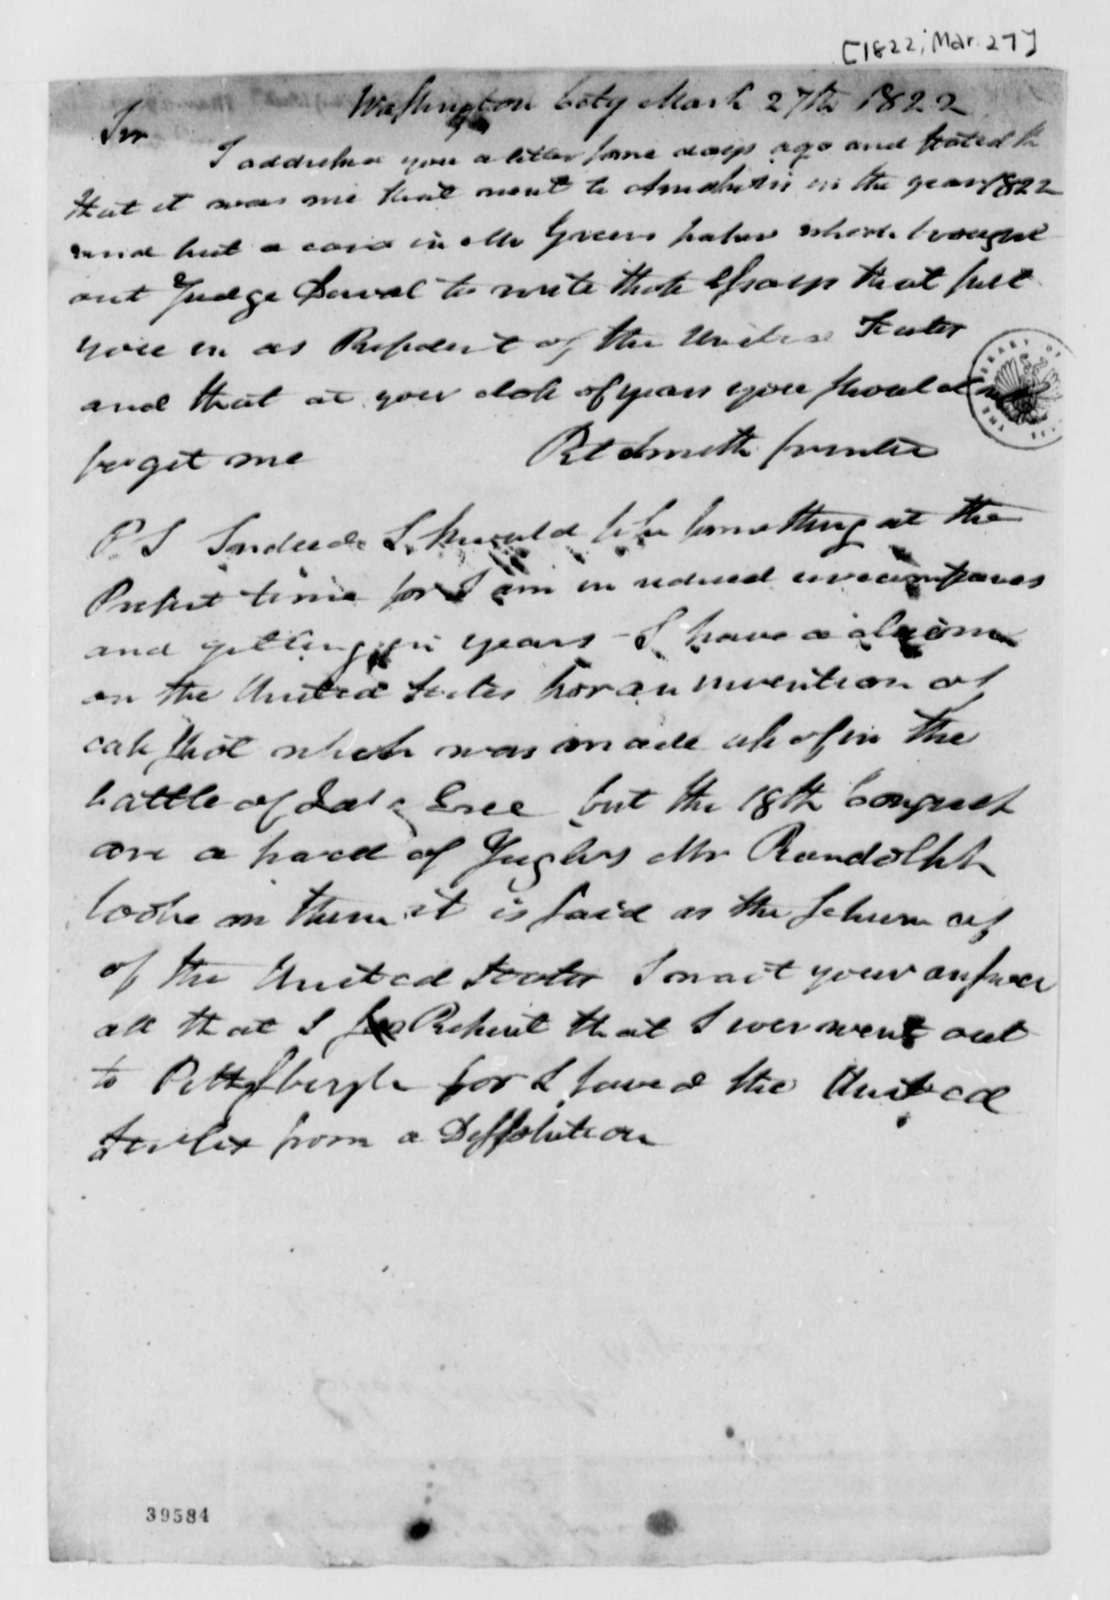 Robert Smith to Thomas Jefferson, March 27, 1822